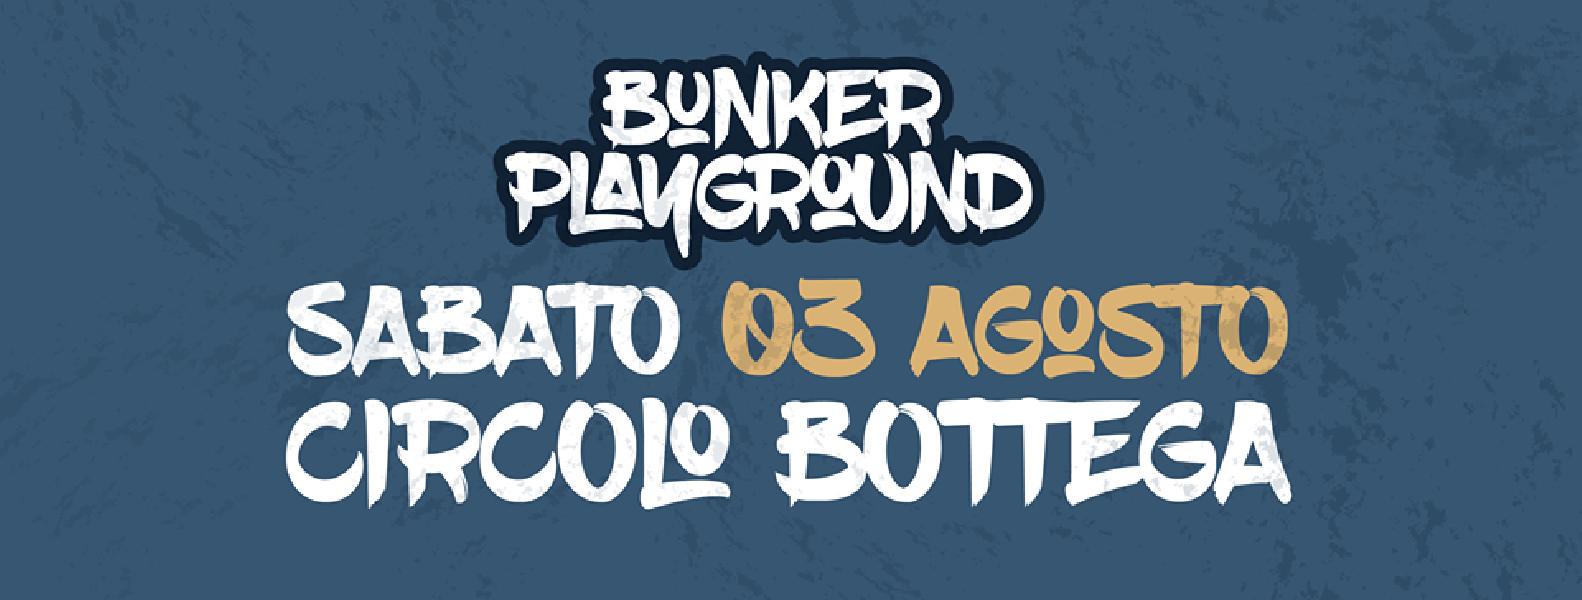 https://www.basketmarche.it/immagini_articoli/16-06-2019/agosto-edizione-bunker-playoground-tutte-informazioni-600.png